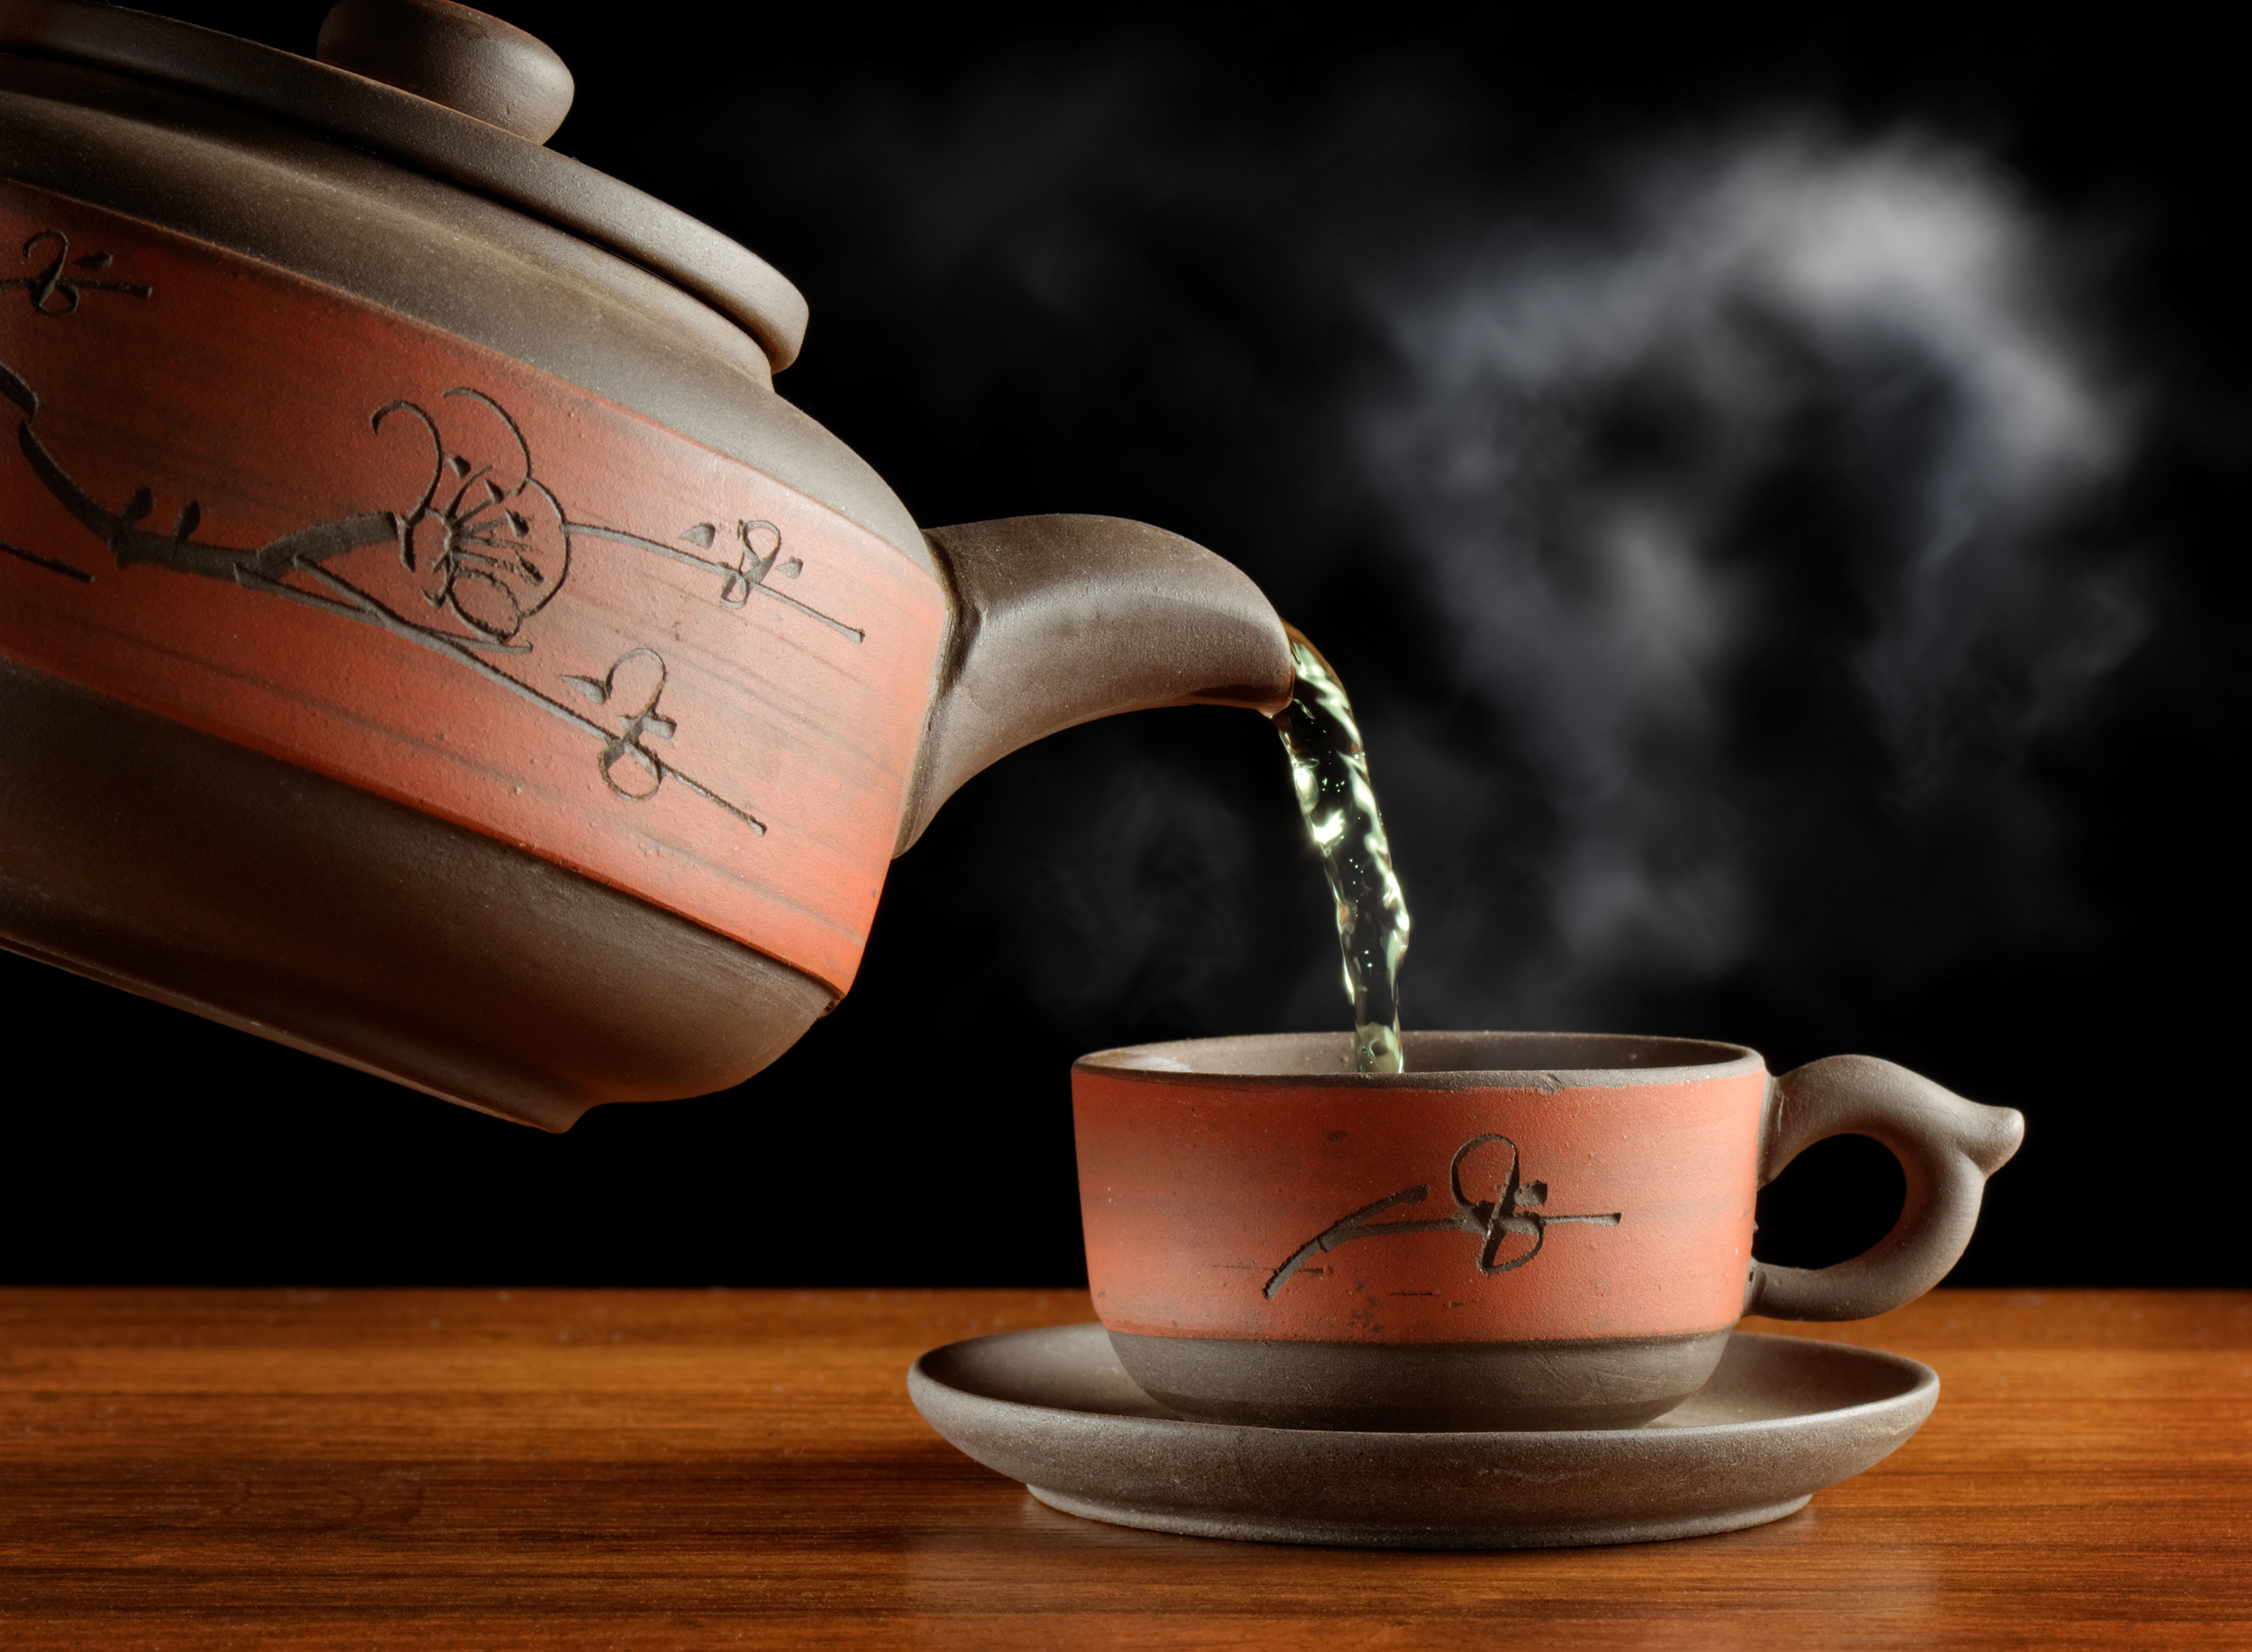 хлеб чай кружка чайник масло  № 2118816 бесплатно